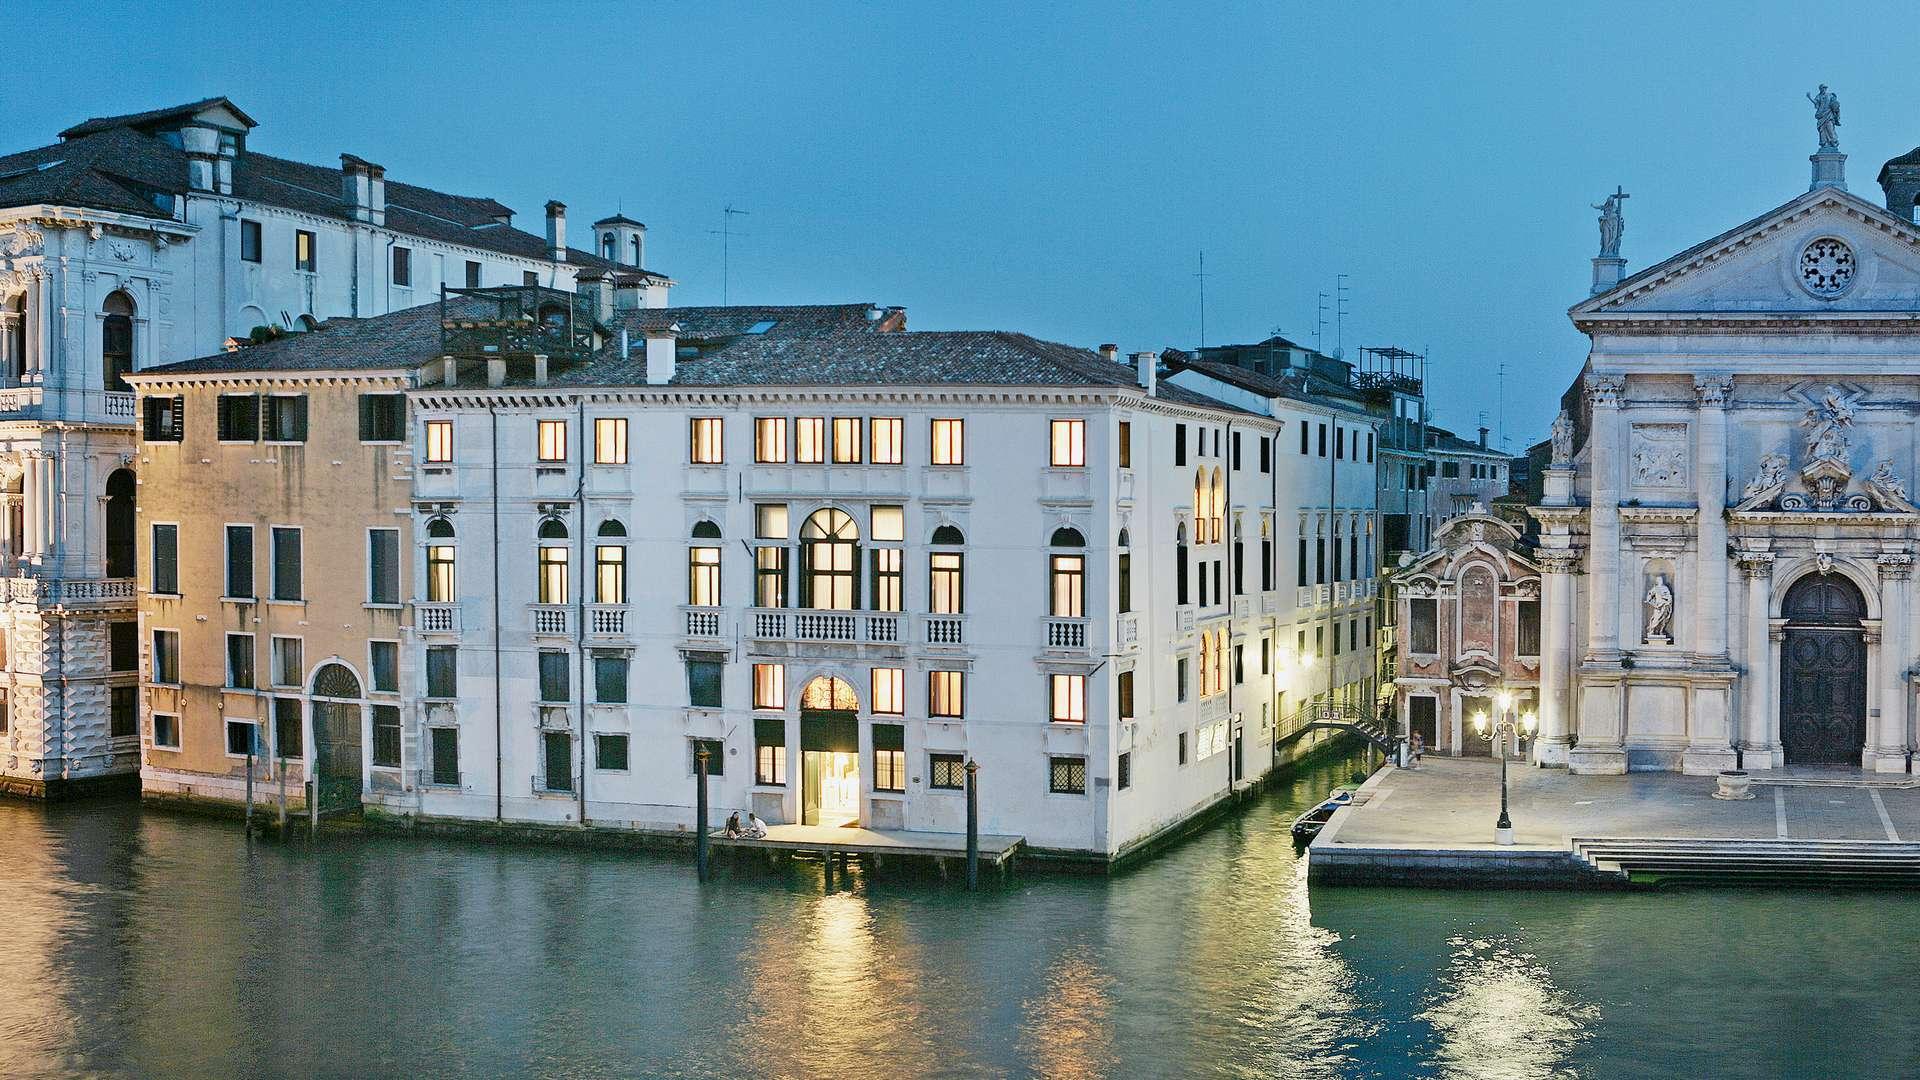 Palazzo Giovanelli Gran Canal A Kuoni Hotel In Venice